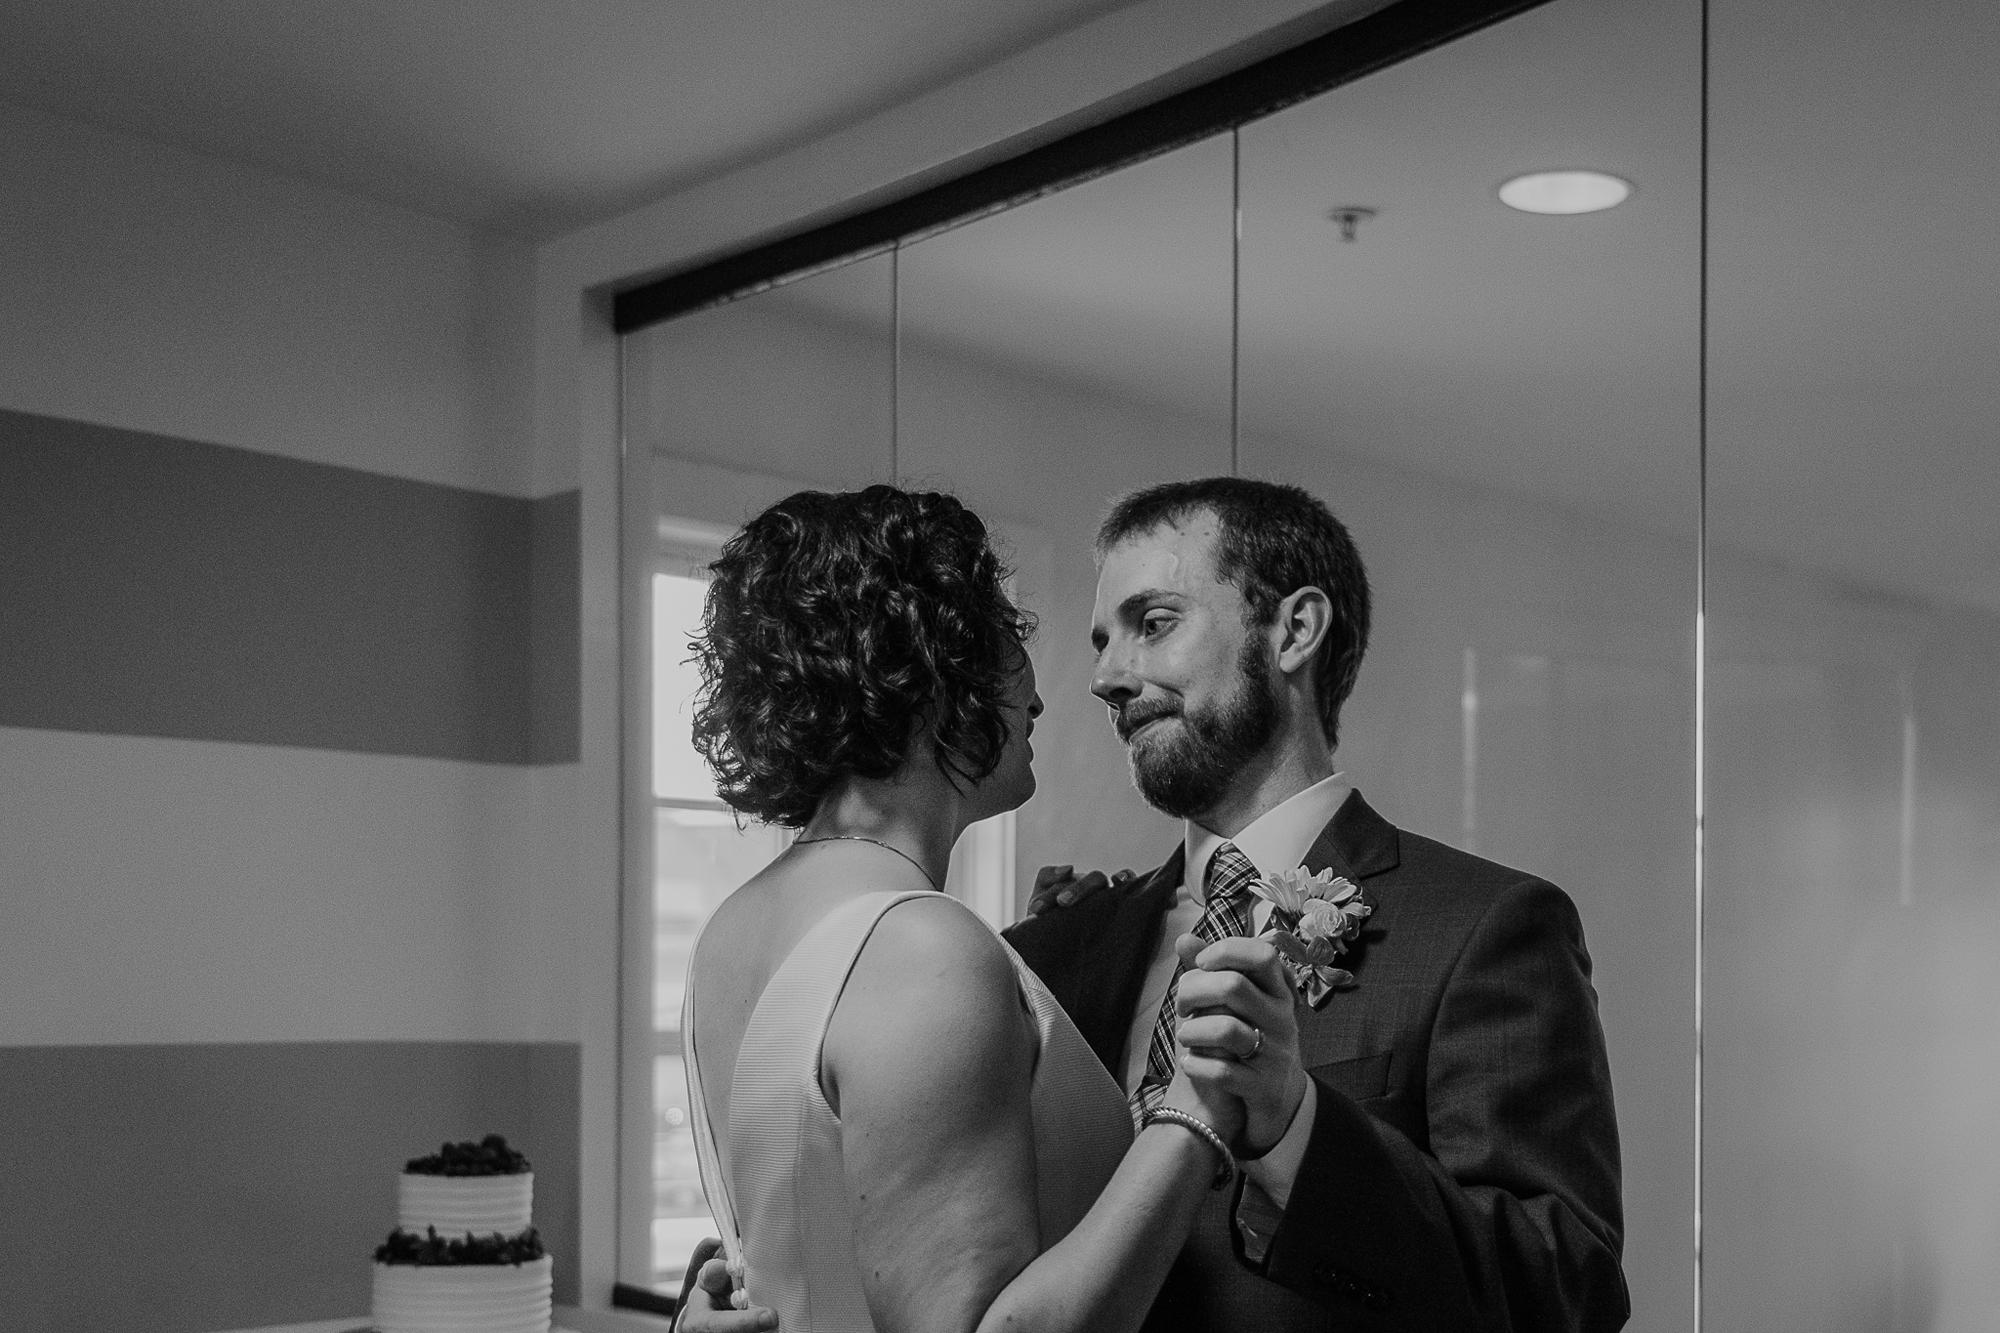 093-annapolis_courthouse_wedding.jpg